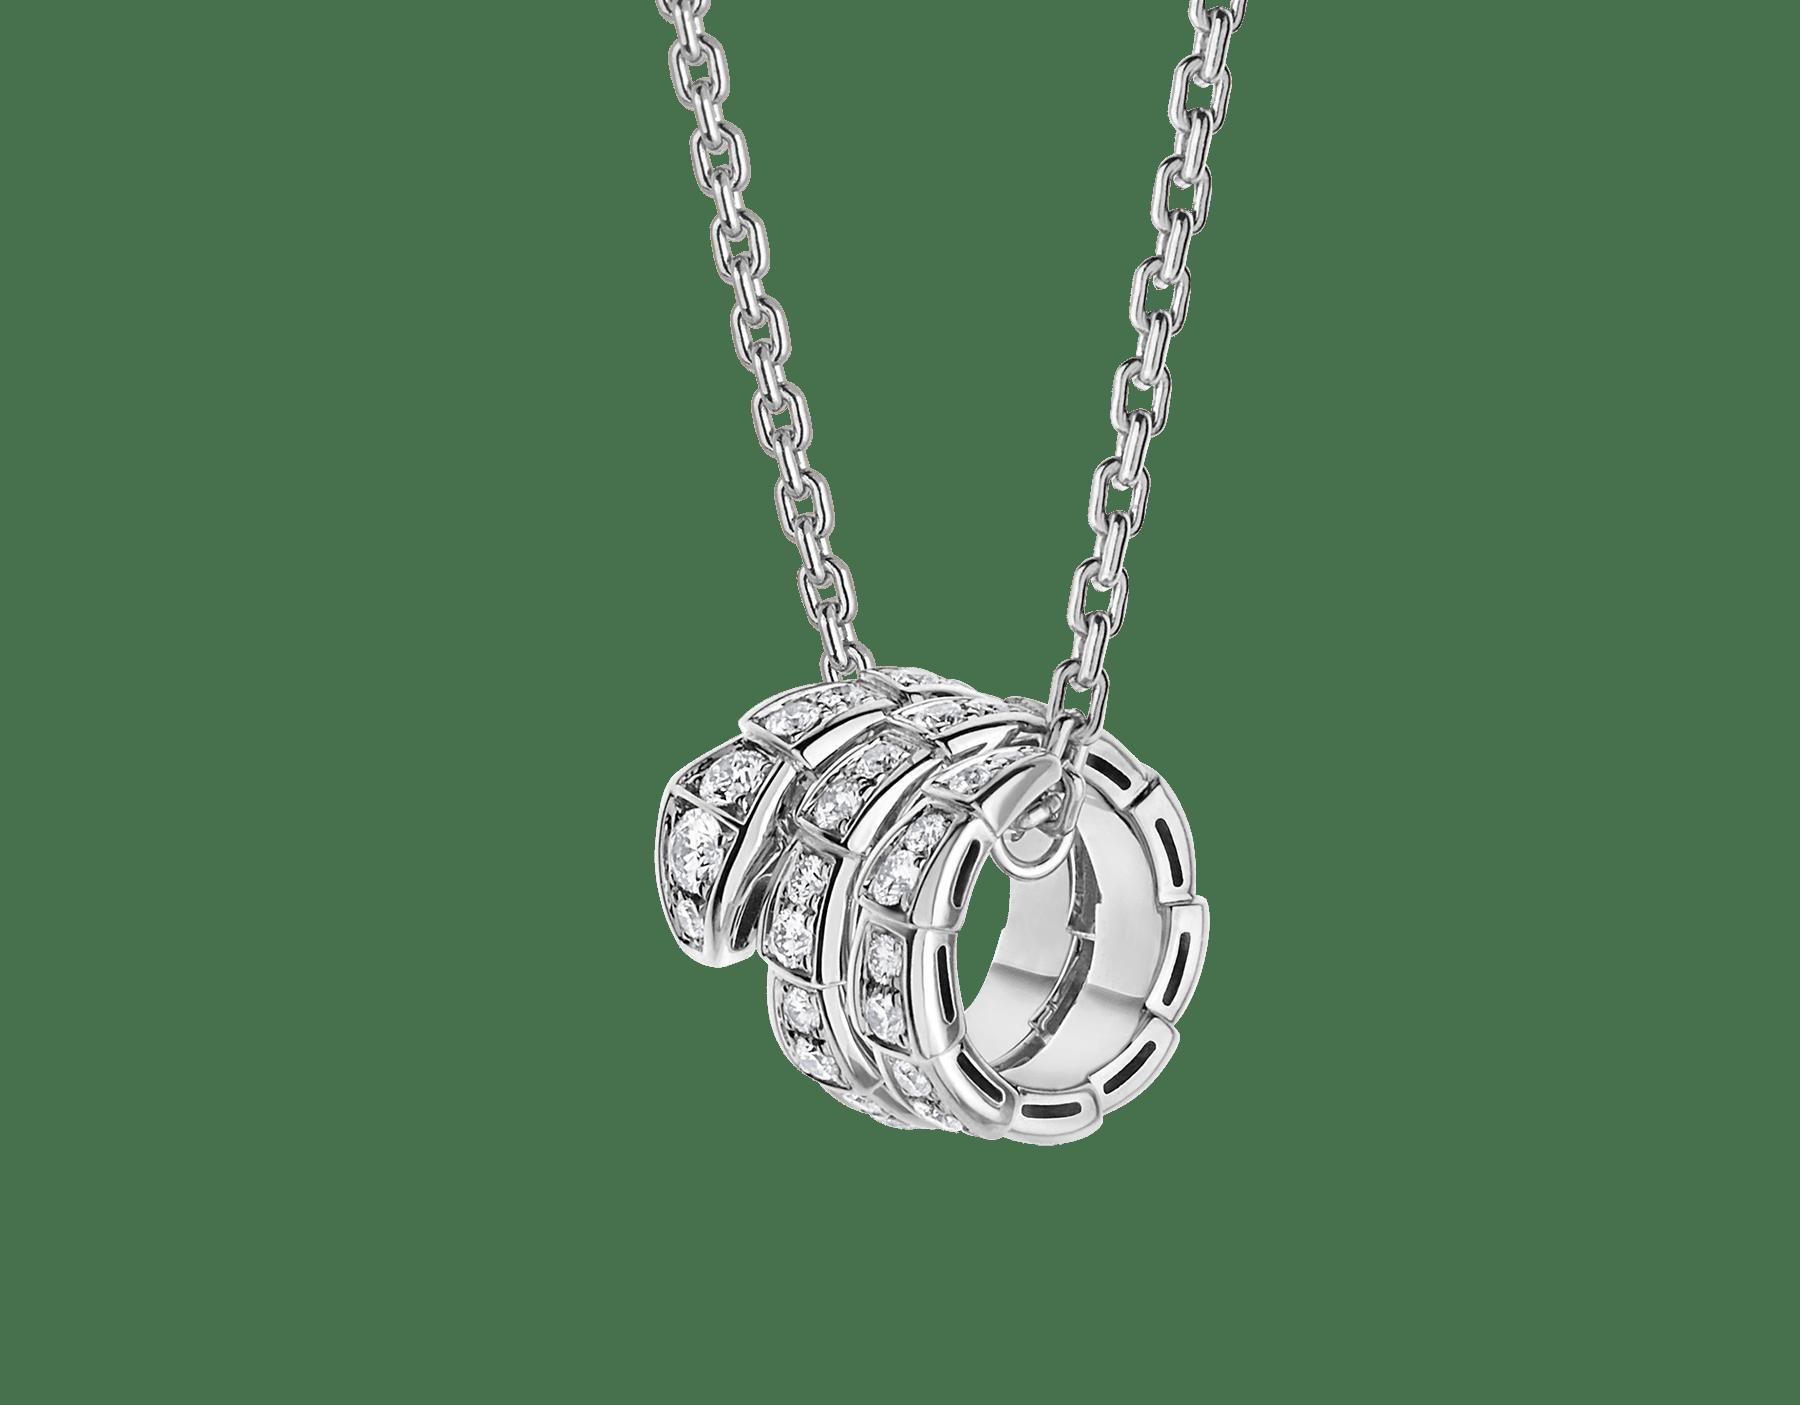 Collana con pendente Serpenti Viper in oro bianco 18 kt con pavé di diamanti. 357796 image 1